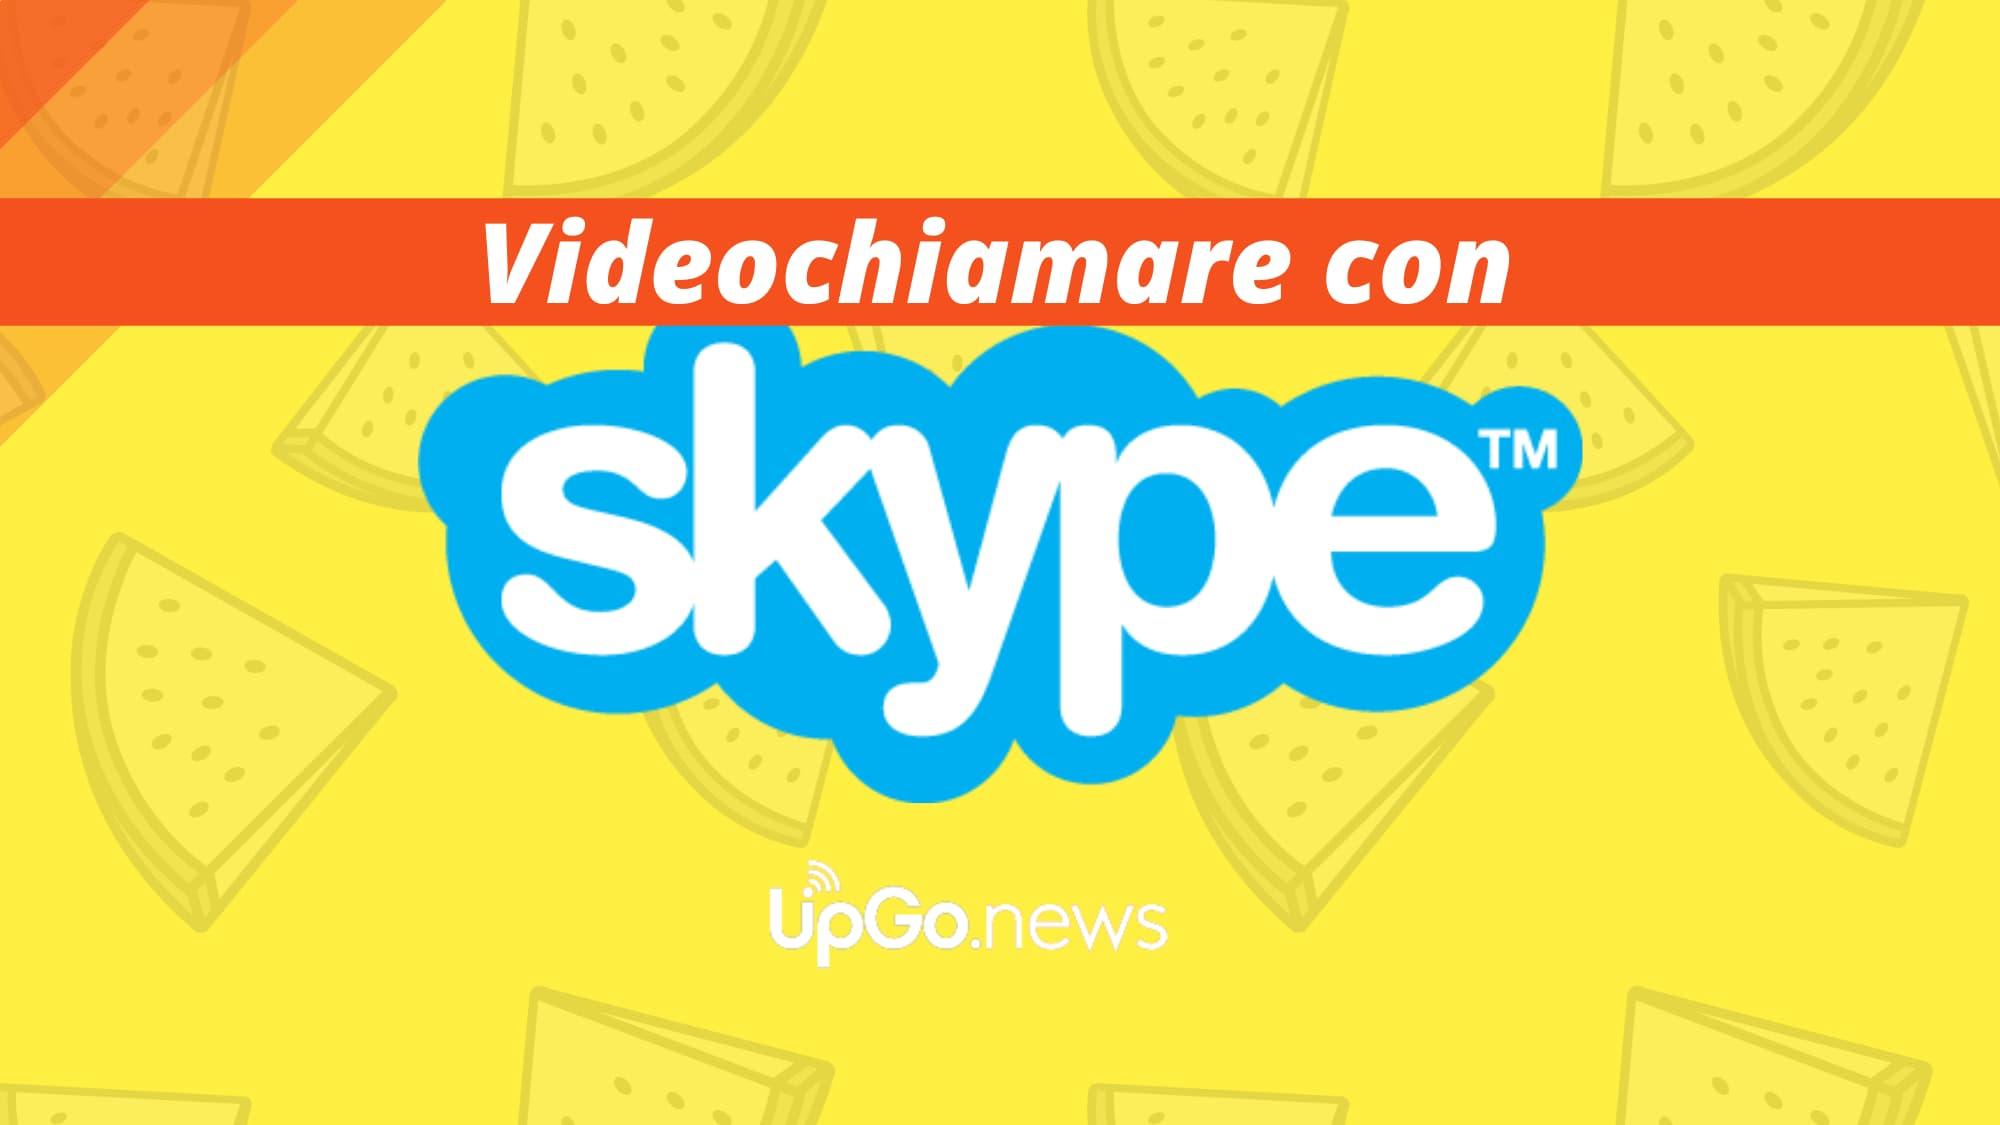 Fare videochiamate con Skype